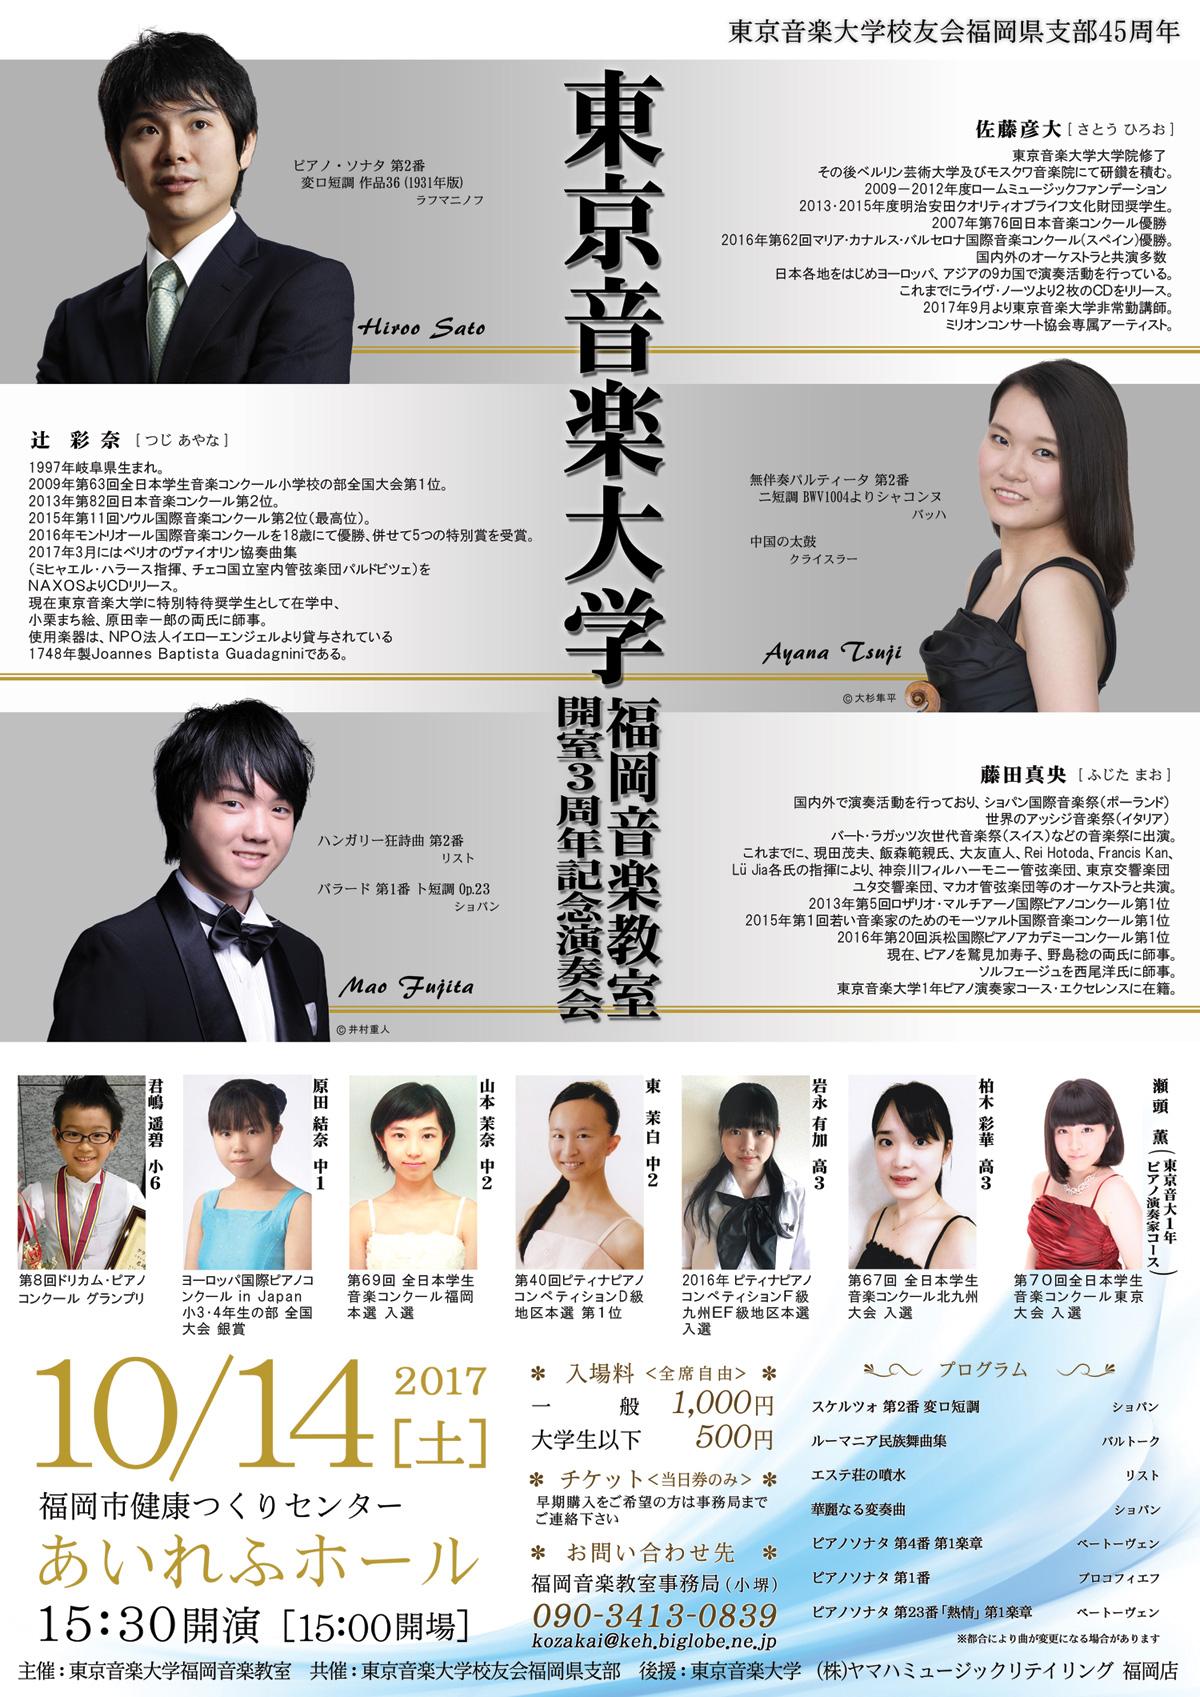 東京音楽大学福岡音楽教室